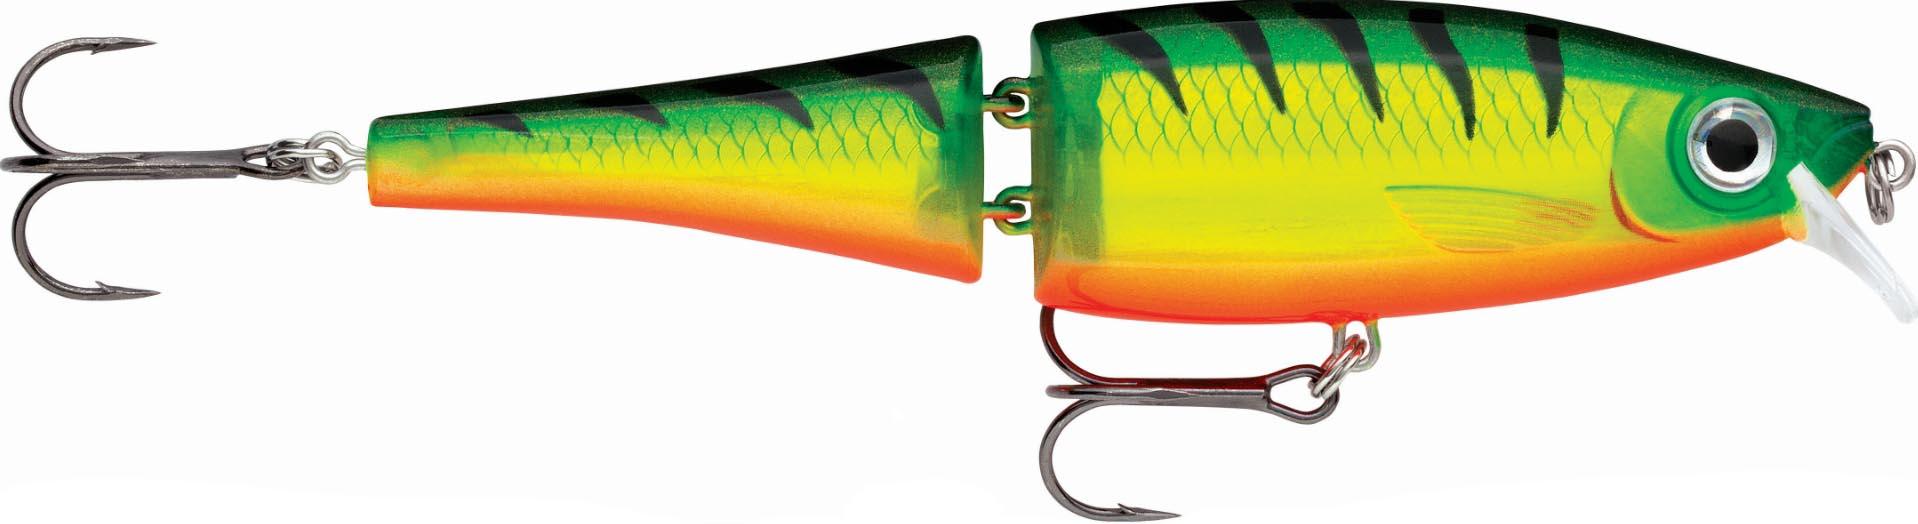 Воблер медленно тонущий Rapala BX Swimmer BXS12-FT (1,2м-1,8м, 12см 22гр) цена